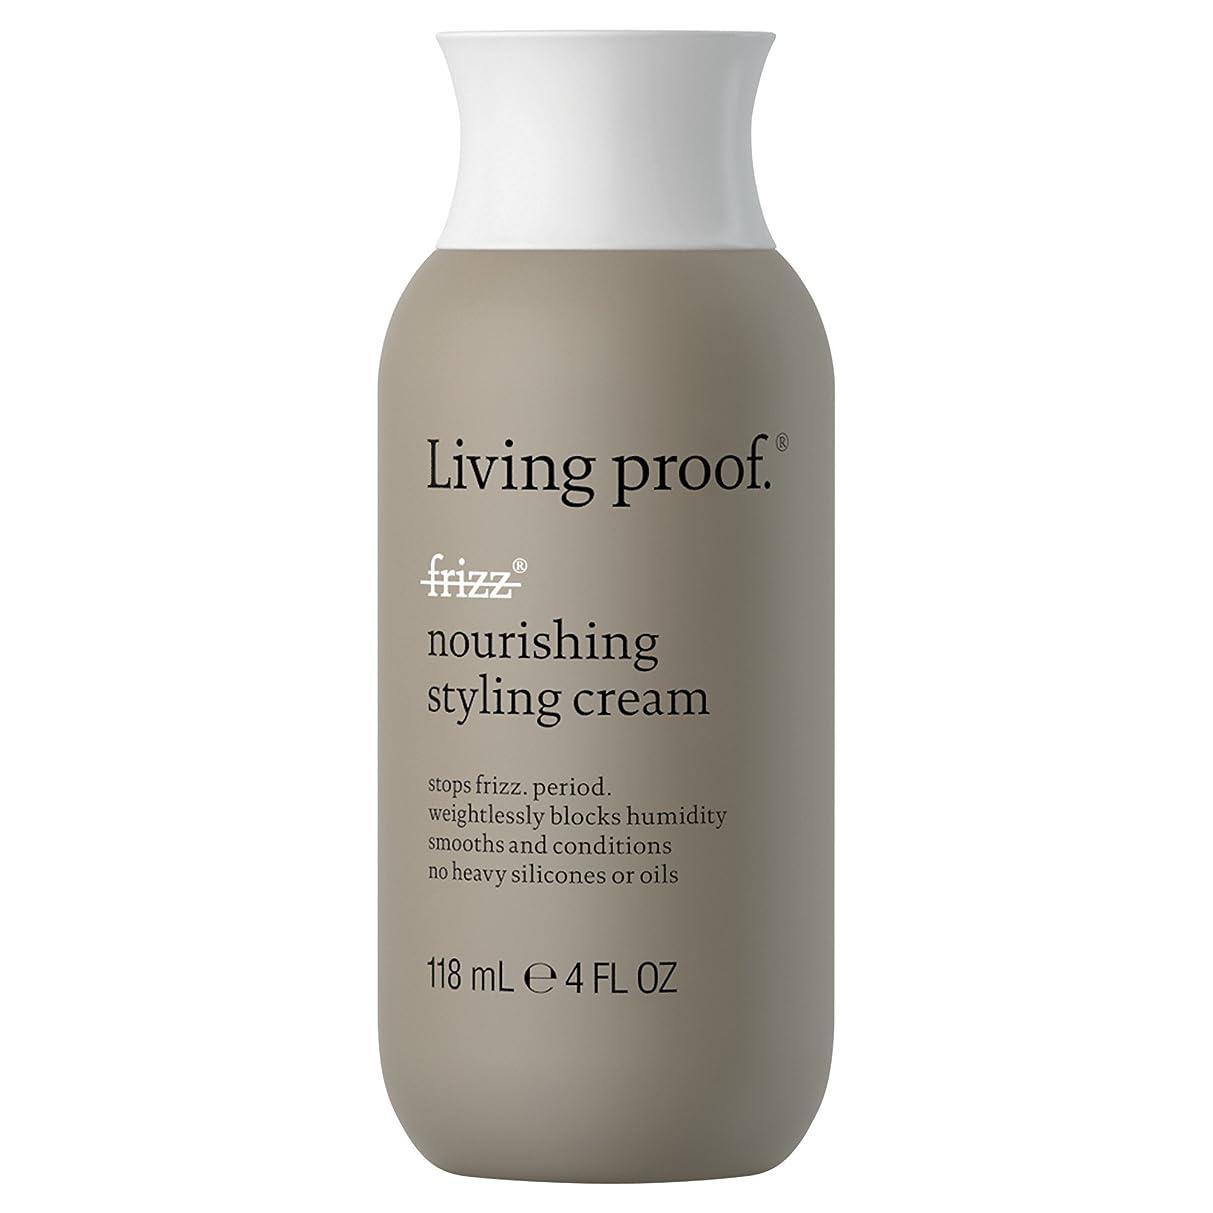 文法おっと五生きている証拠なし縮れ栄養スタイリングクリーム118ミリリットル (Living Proof) (x2) - Living Proof No Frizz Nourishing Styling Cream 118ml (Pack of 2) [並行輸入品]